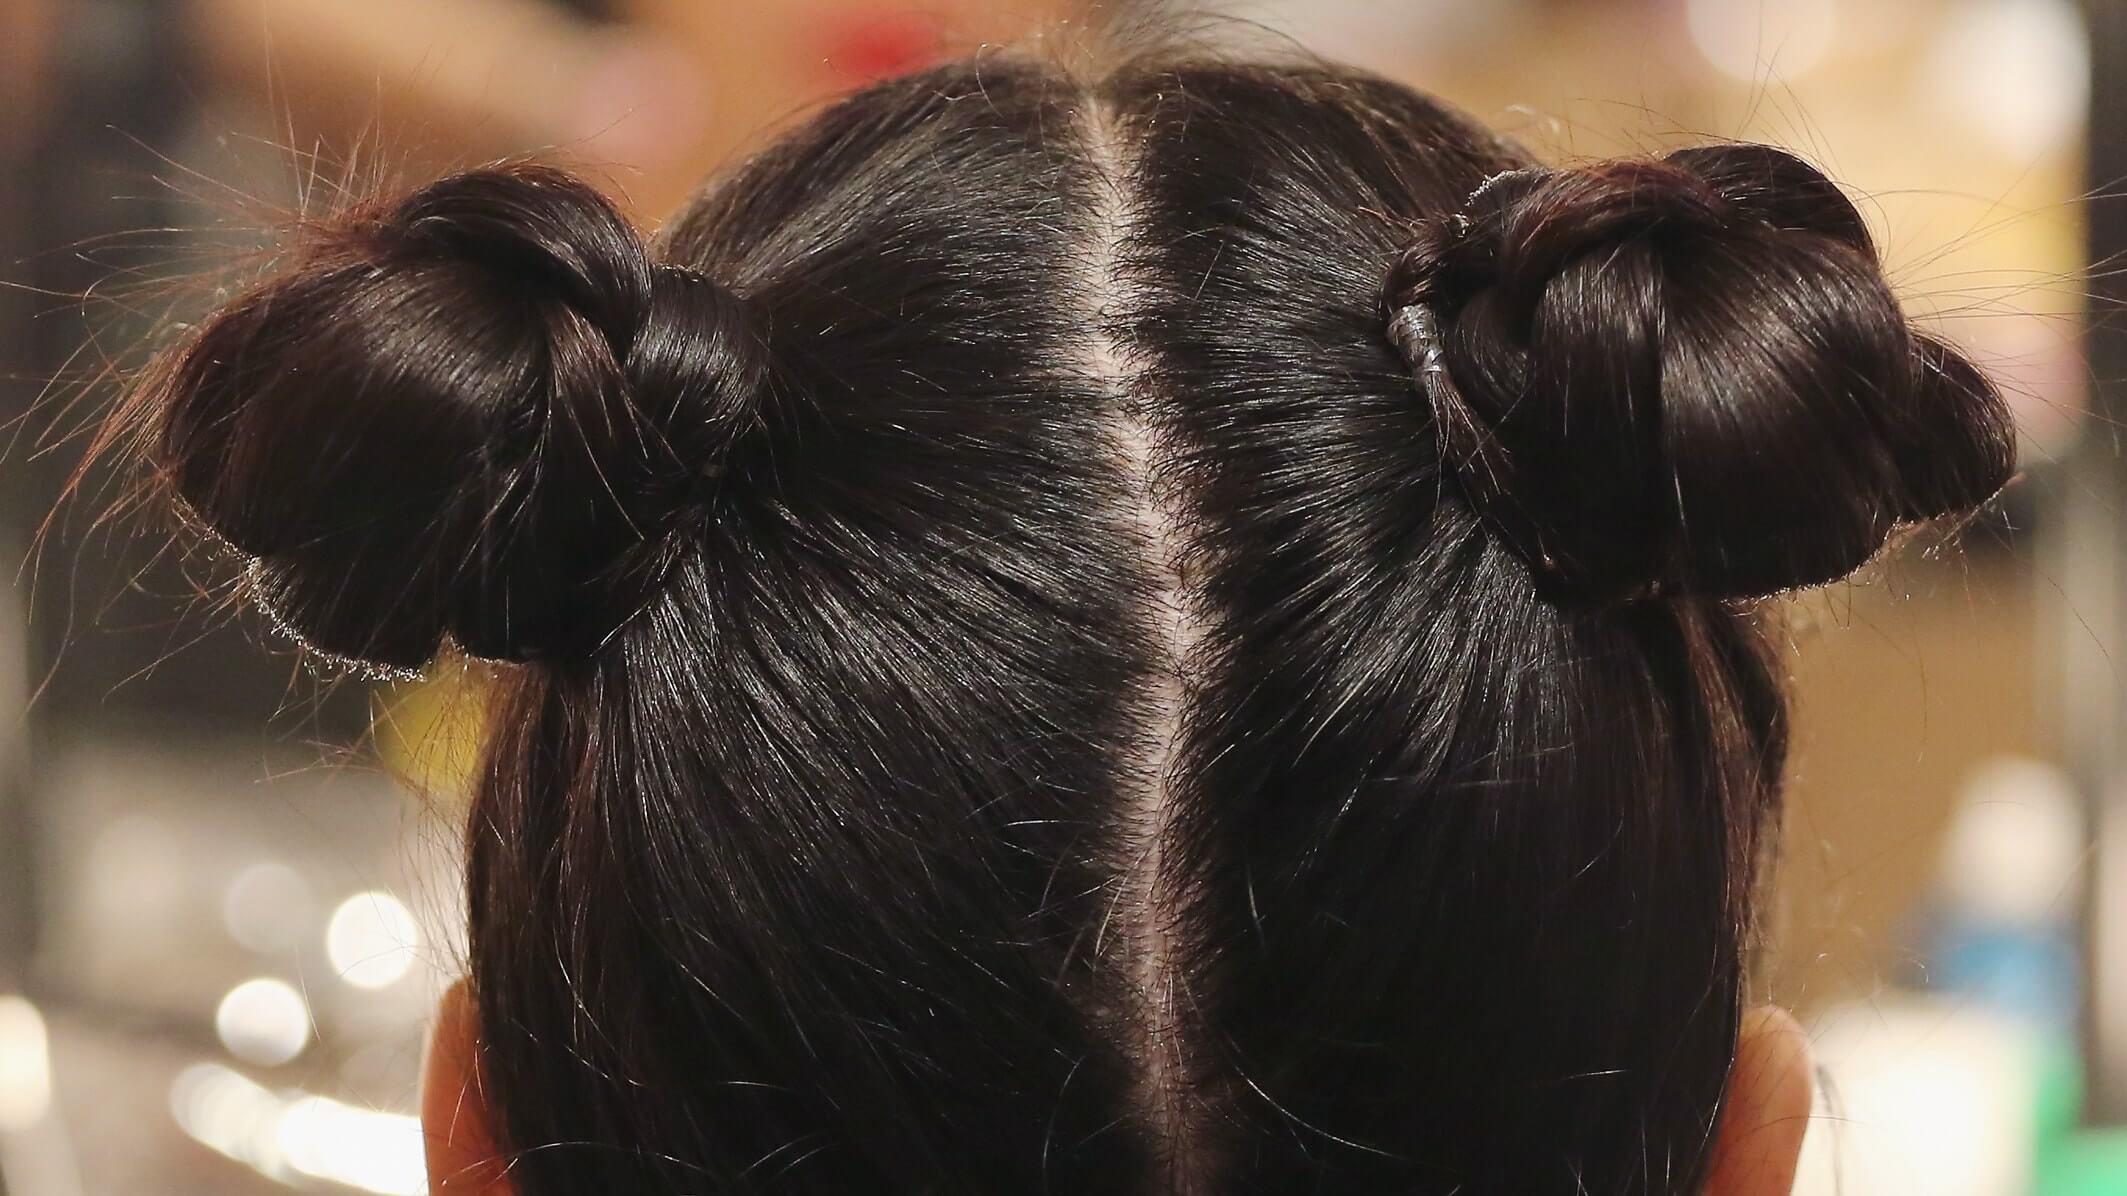 染髮後頭皮發癢,如何終止頭皮屑和治療